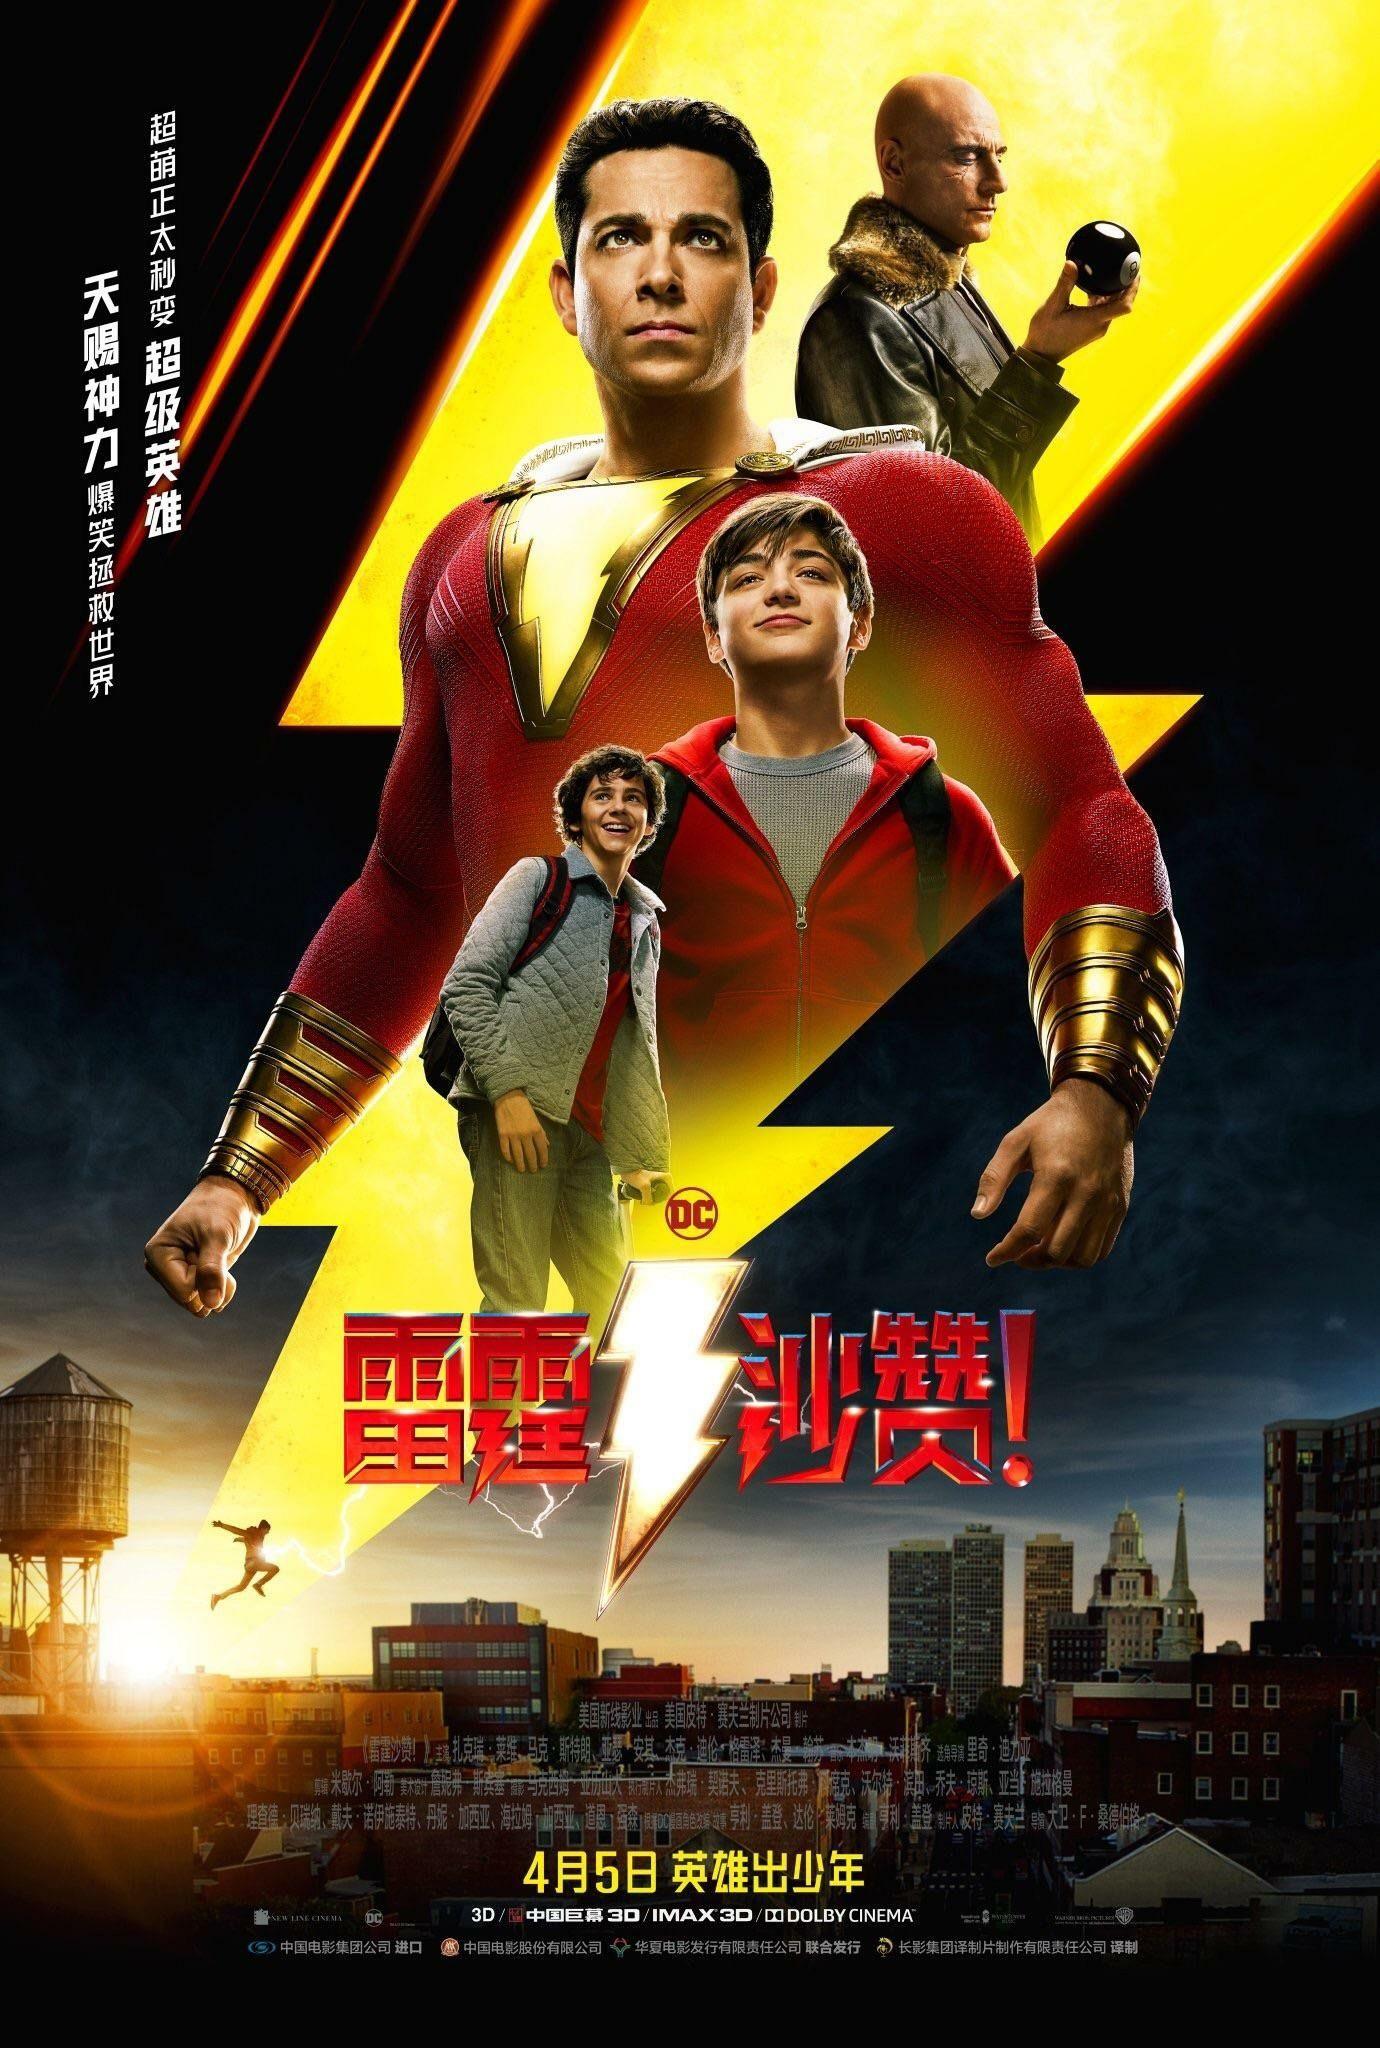 постер фильма шазам постеры фильмов в 2019 г плакаты с